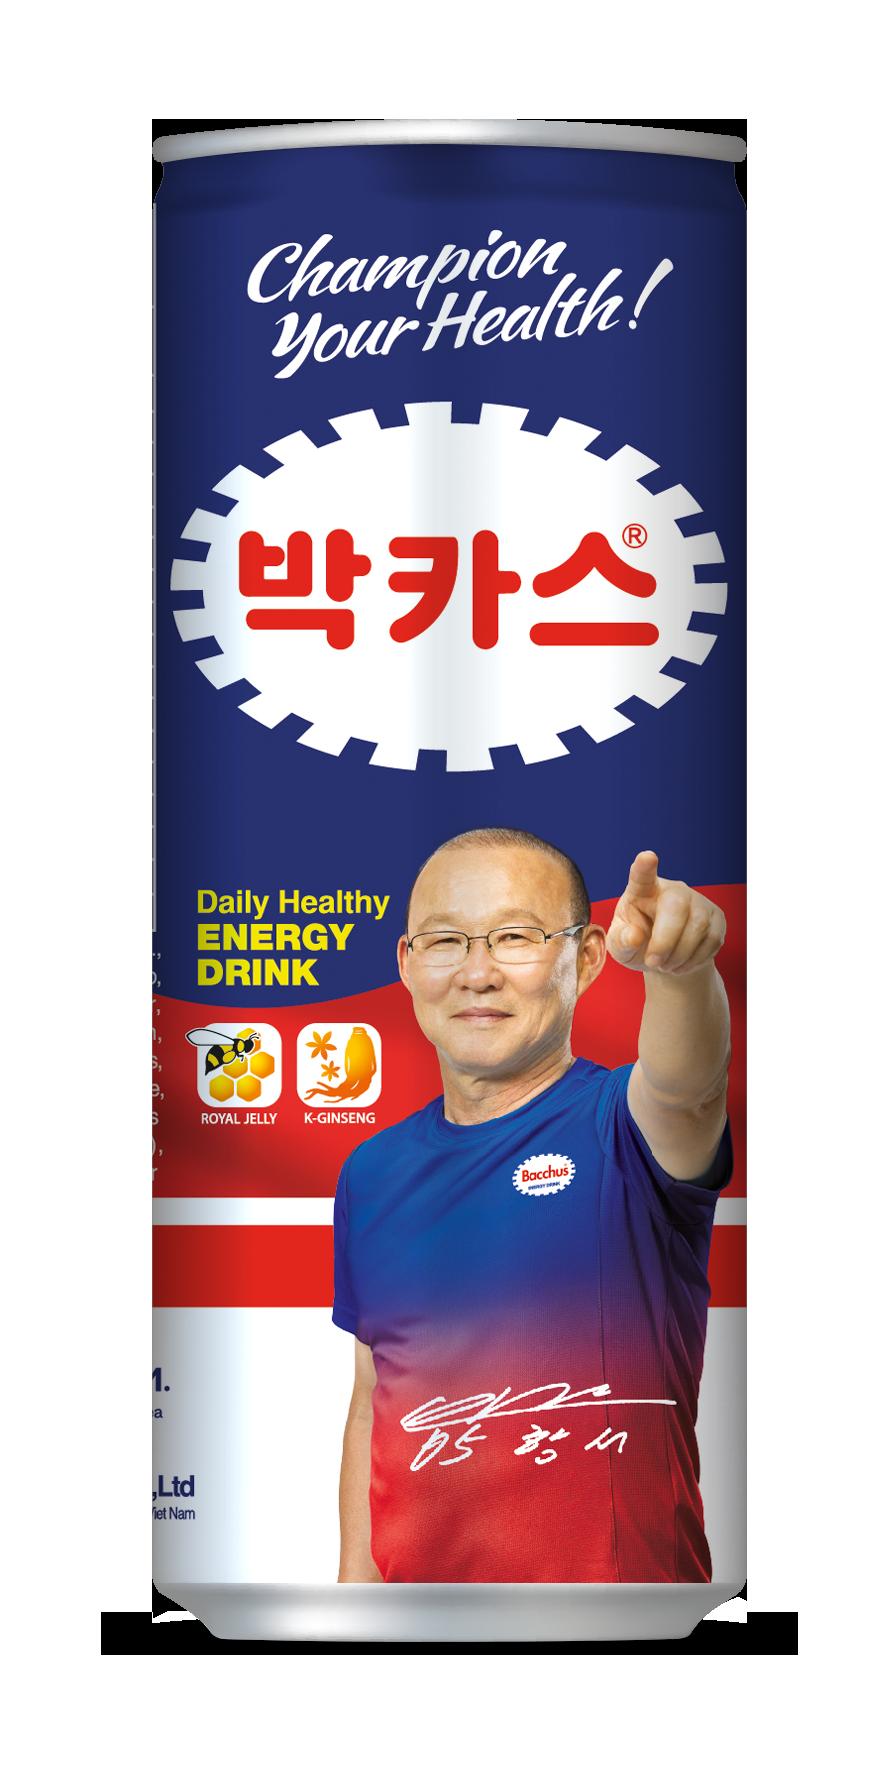 '박카스'가 베트남에서 인기리에 팔리고 있는